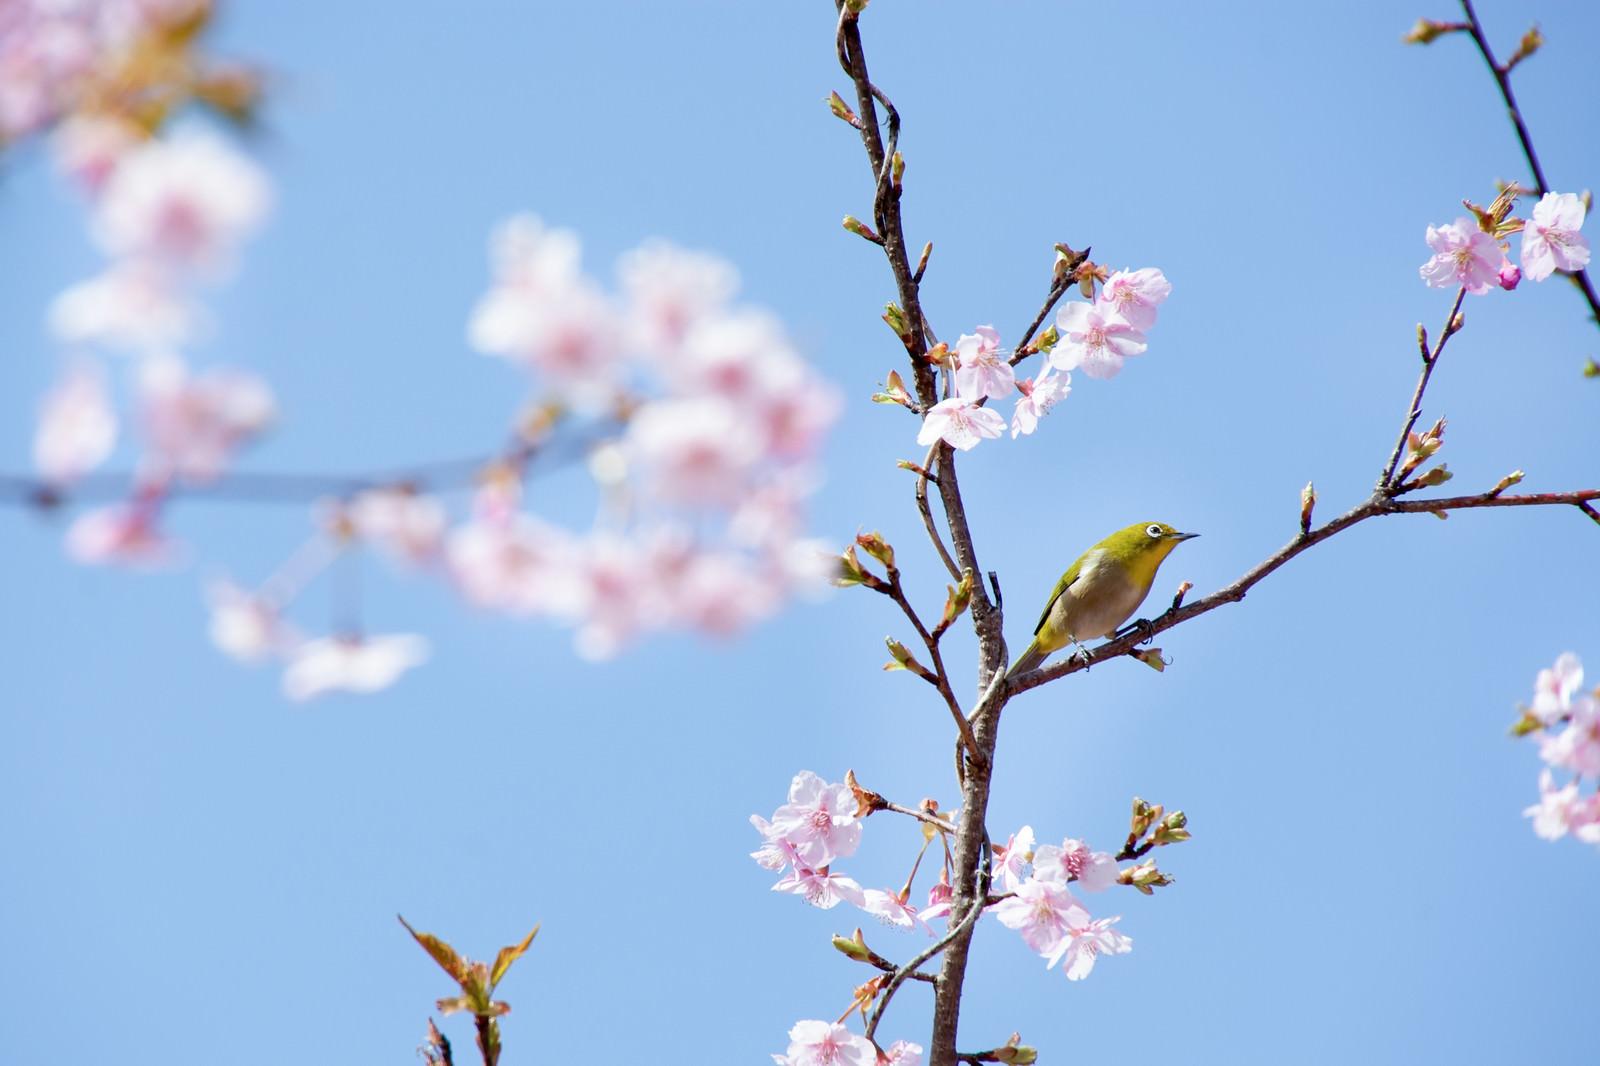 「枝にとまって何かを眺めているメジロ(蘇原自然公園)」の写真